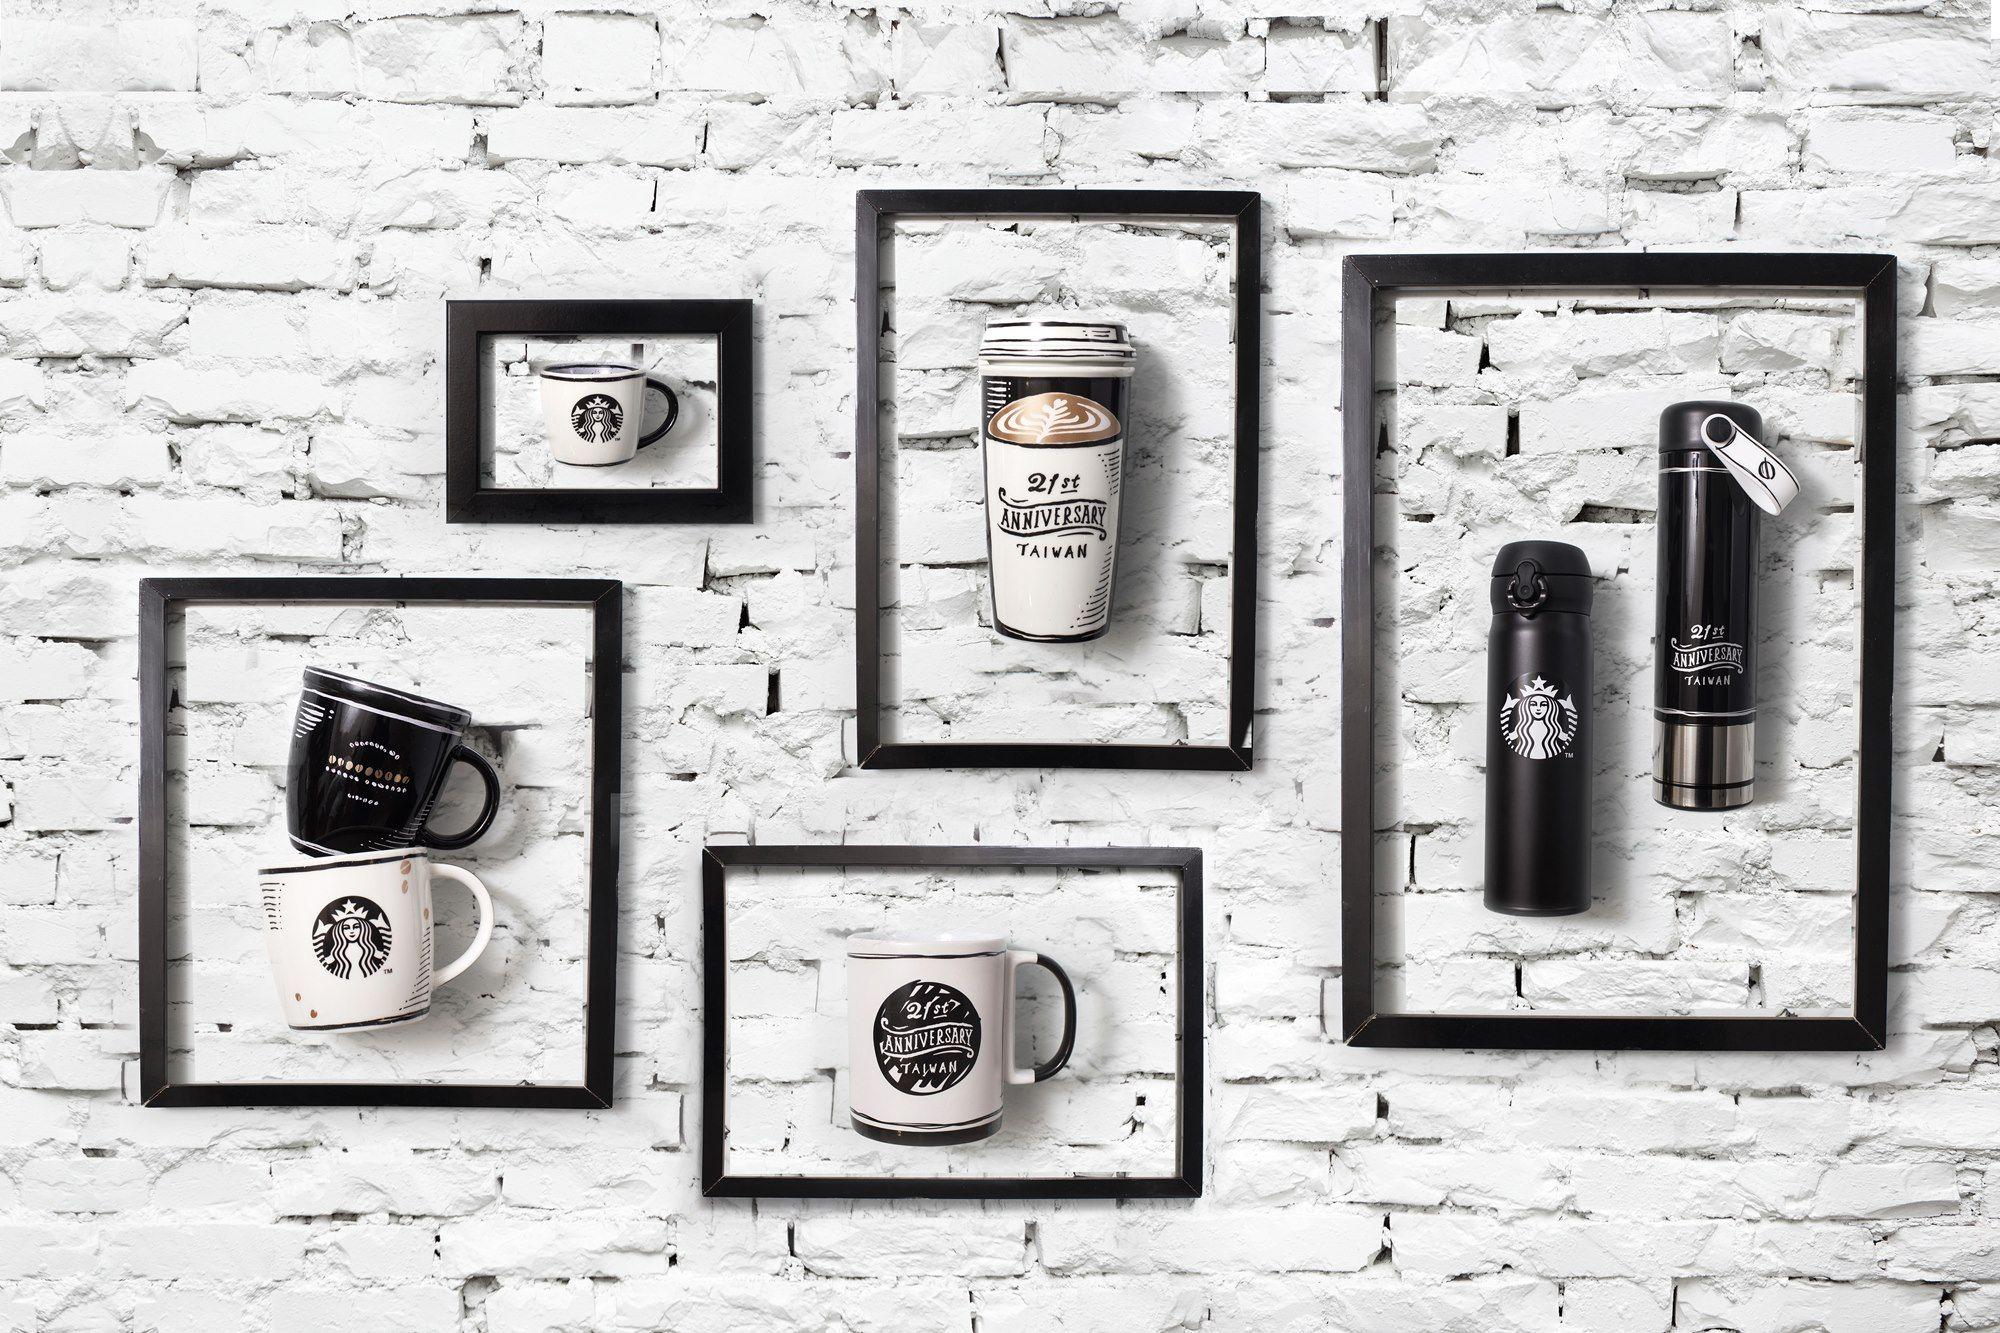 黑色,星巴克,starbucks,2D漫畫風,周年紀念商品,旅行風格咖啡組合